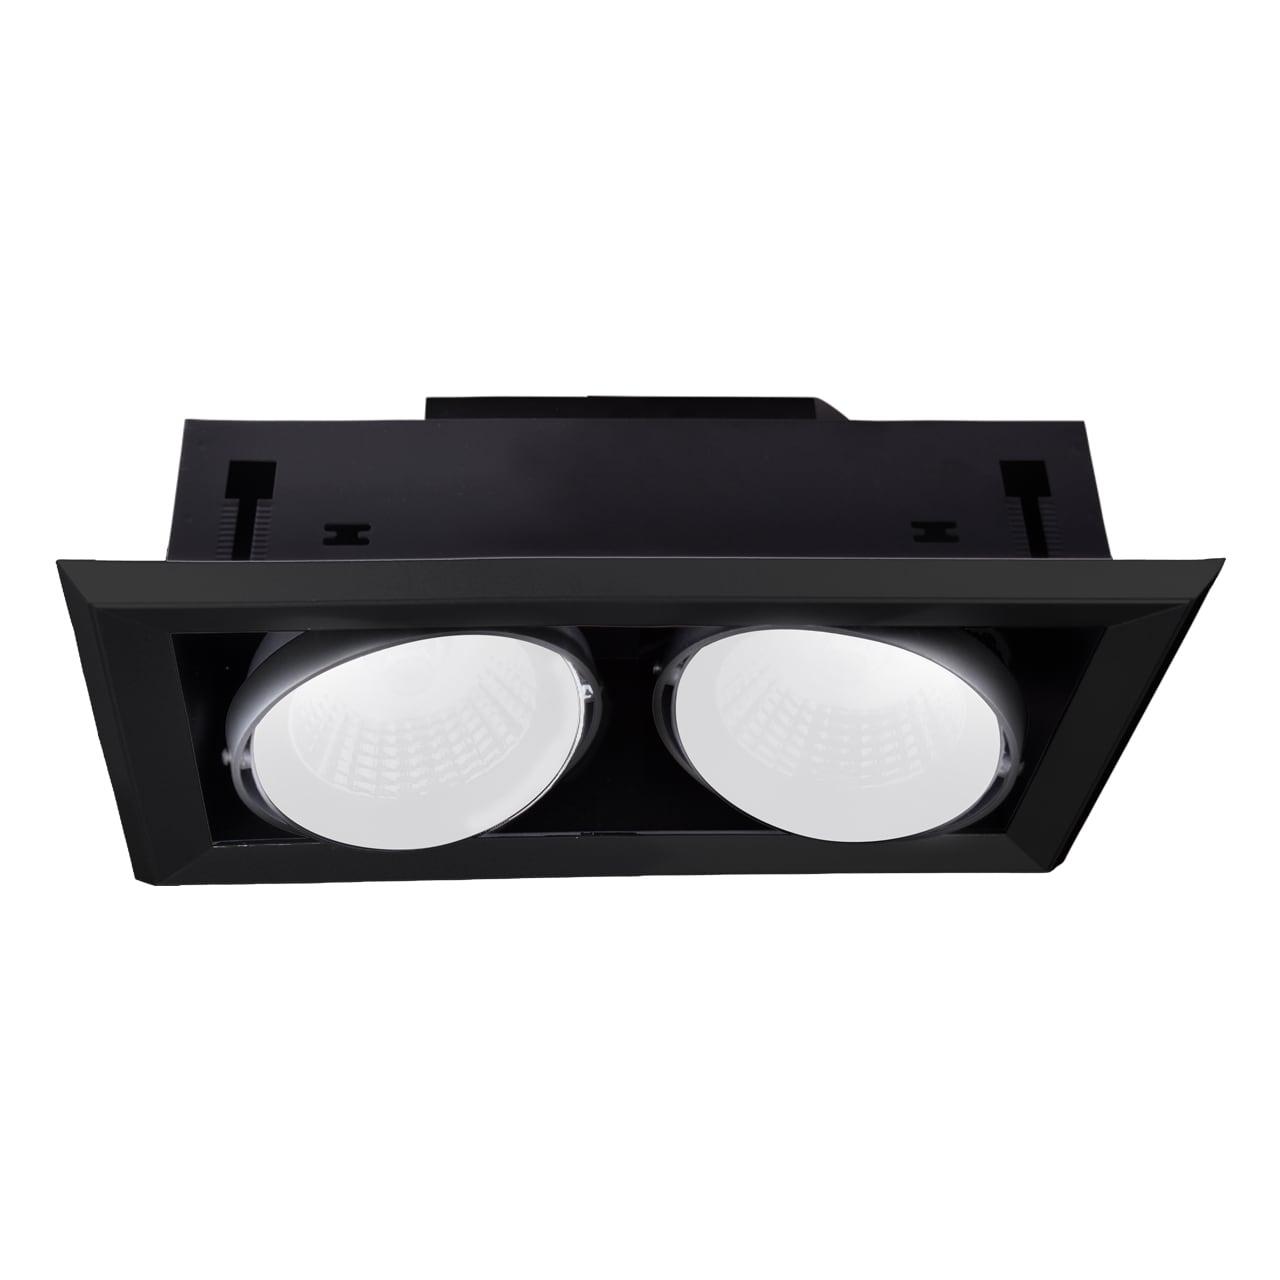 Einbauleuchte Milagro BLOCCO 475 Schwarze LED 2 x 7W 3000K